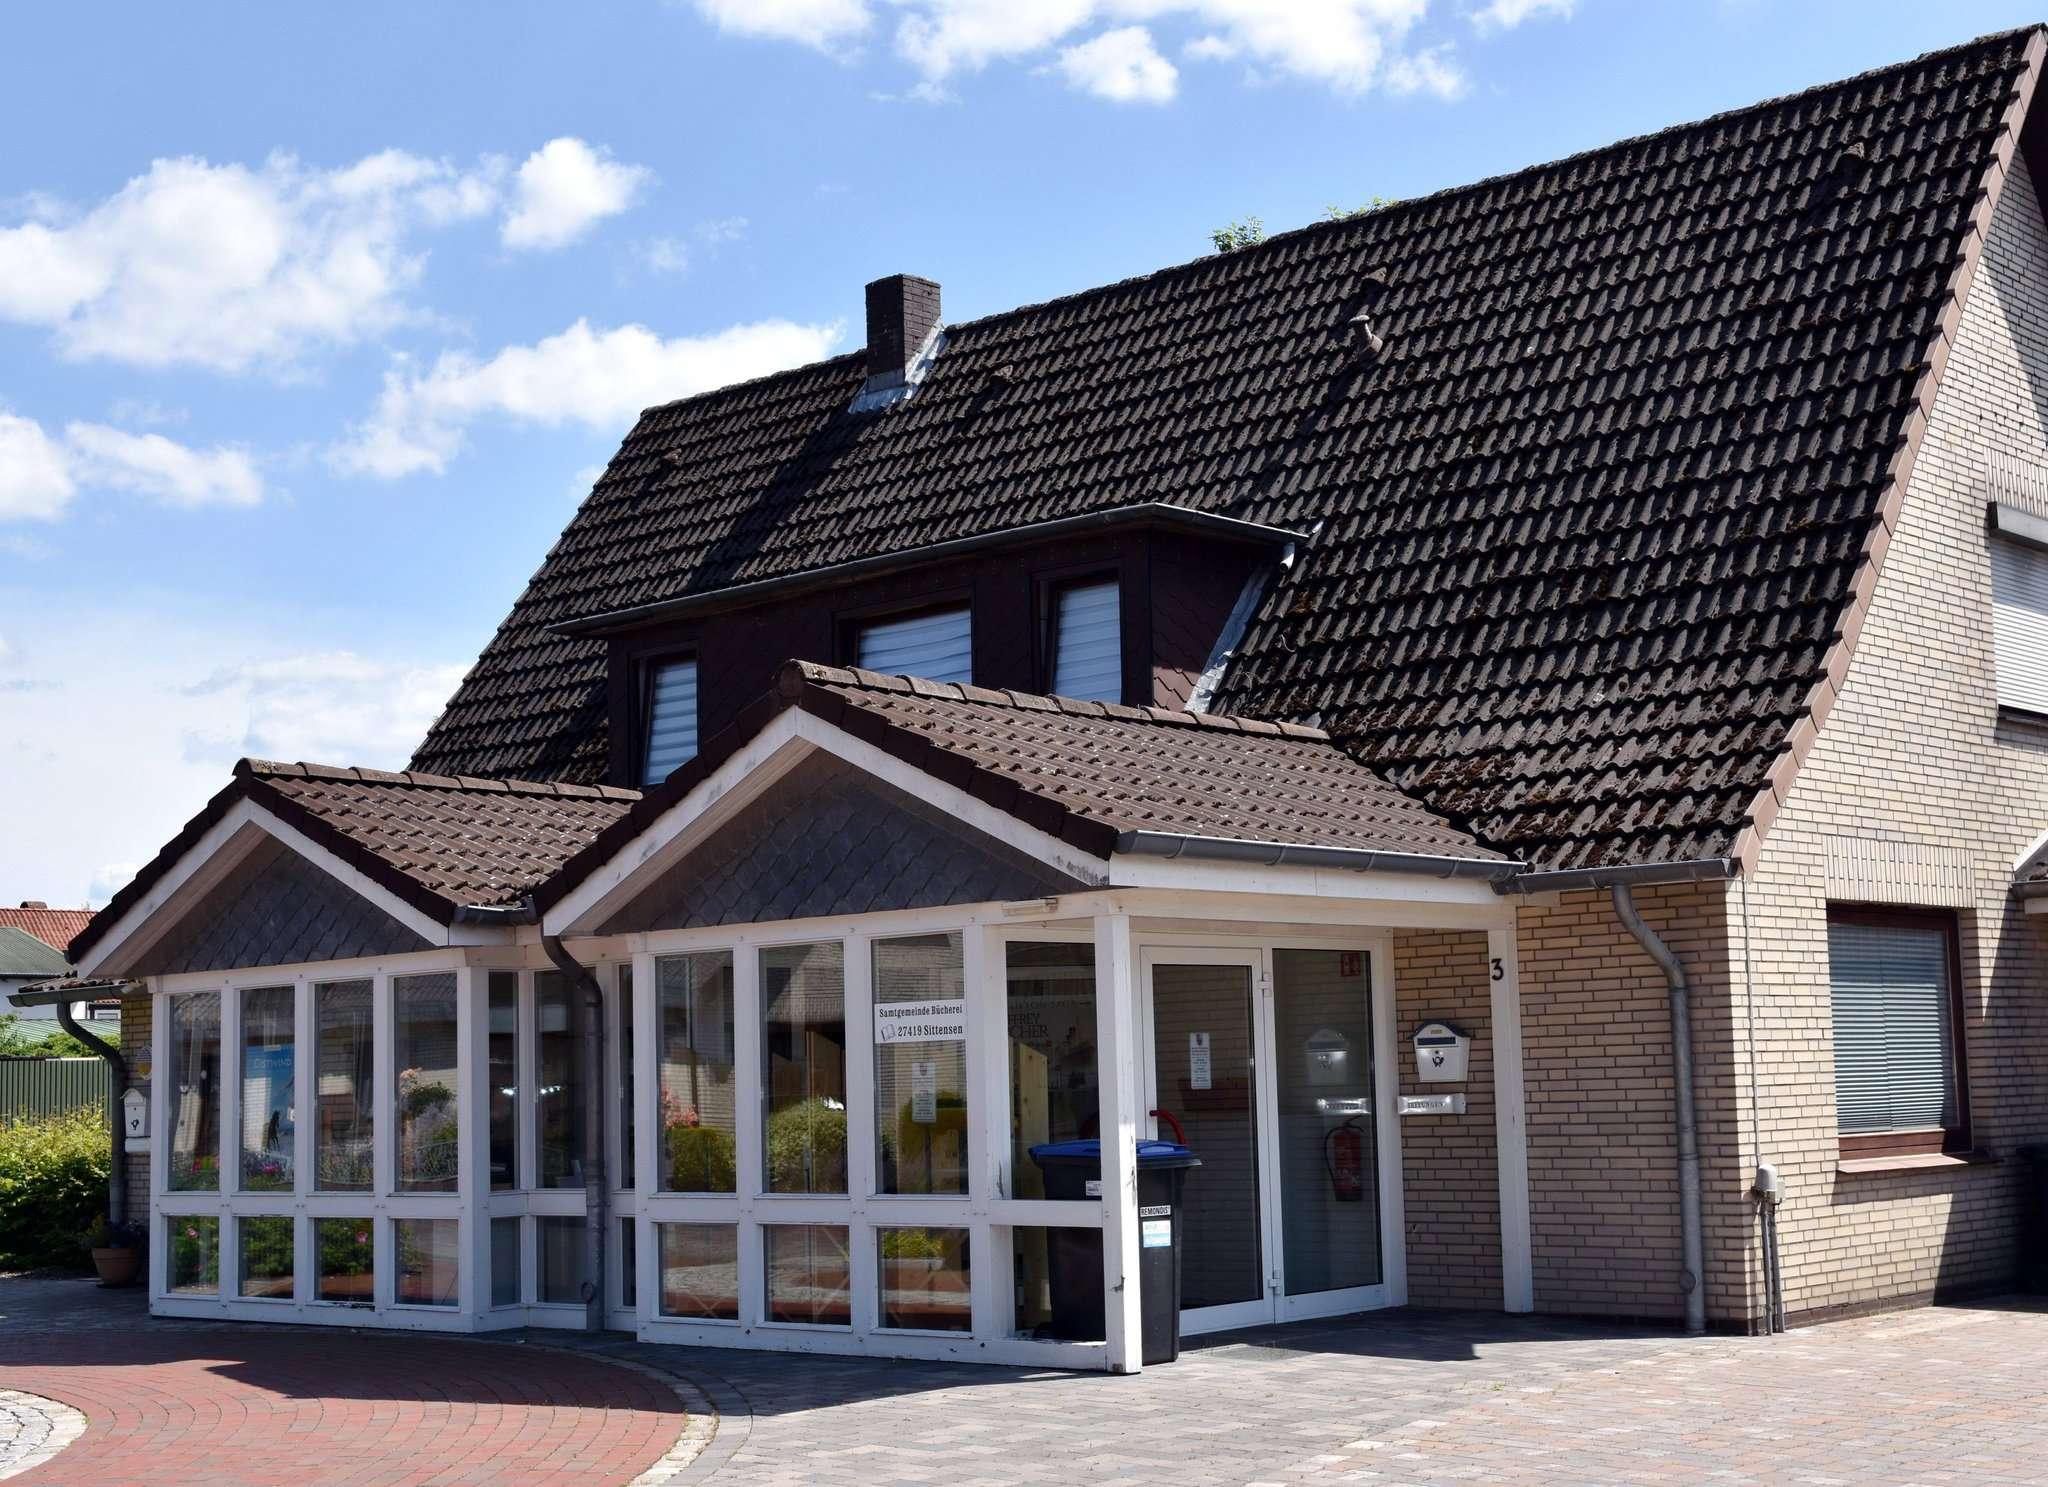 Der Bauausschuss empfiehlt den Abriss des Büchereigebäudes und die Errichtung eines kompletten Neubaus mit Anbindung an die Schule. Foto: Heidrun Meyer